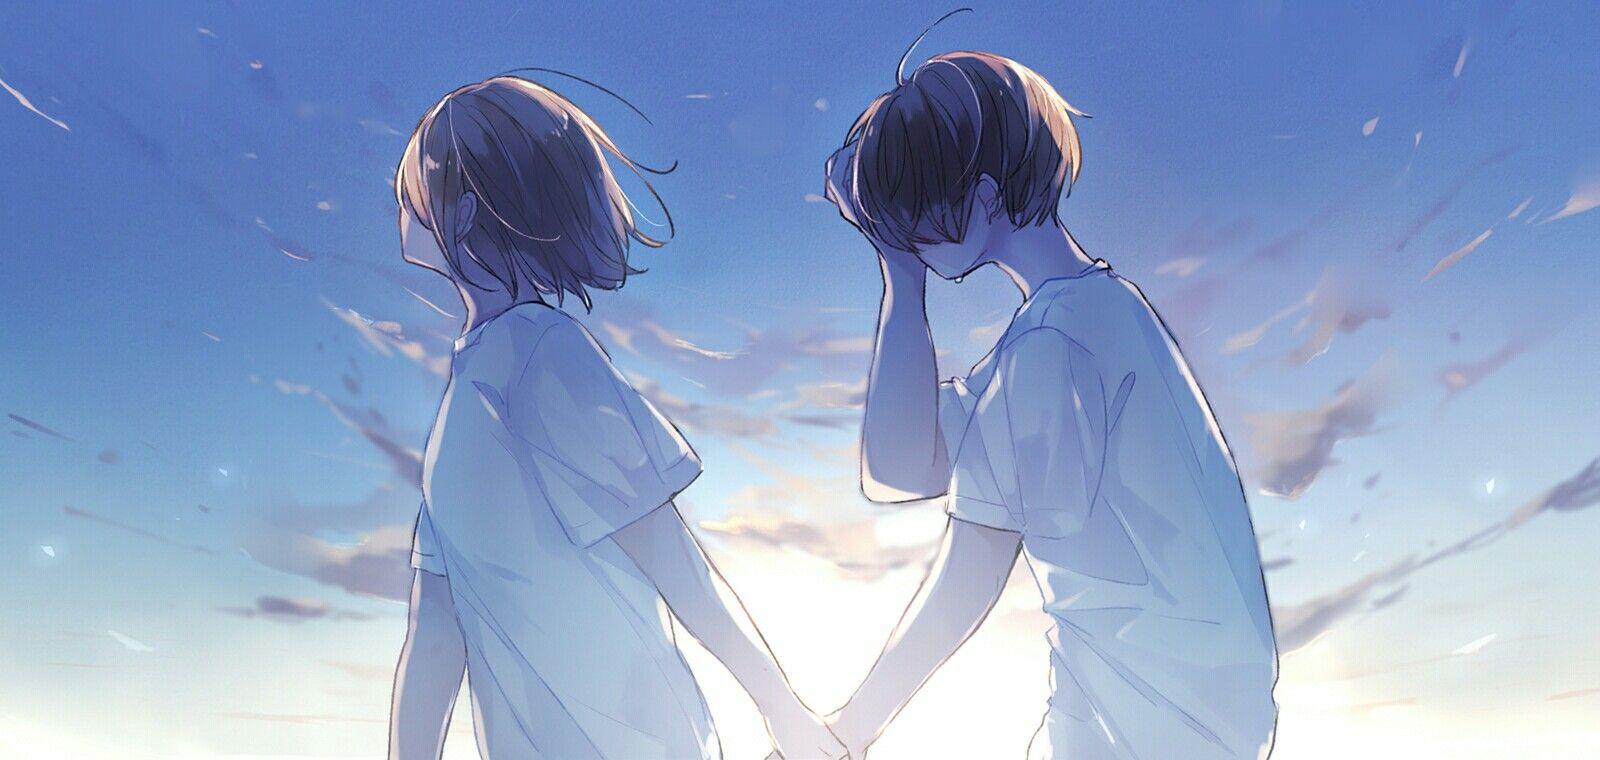 Ảnh đôi Anime ấm áp